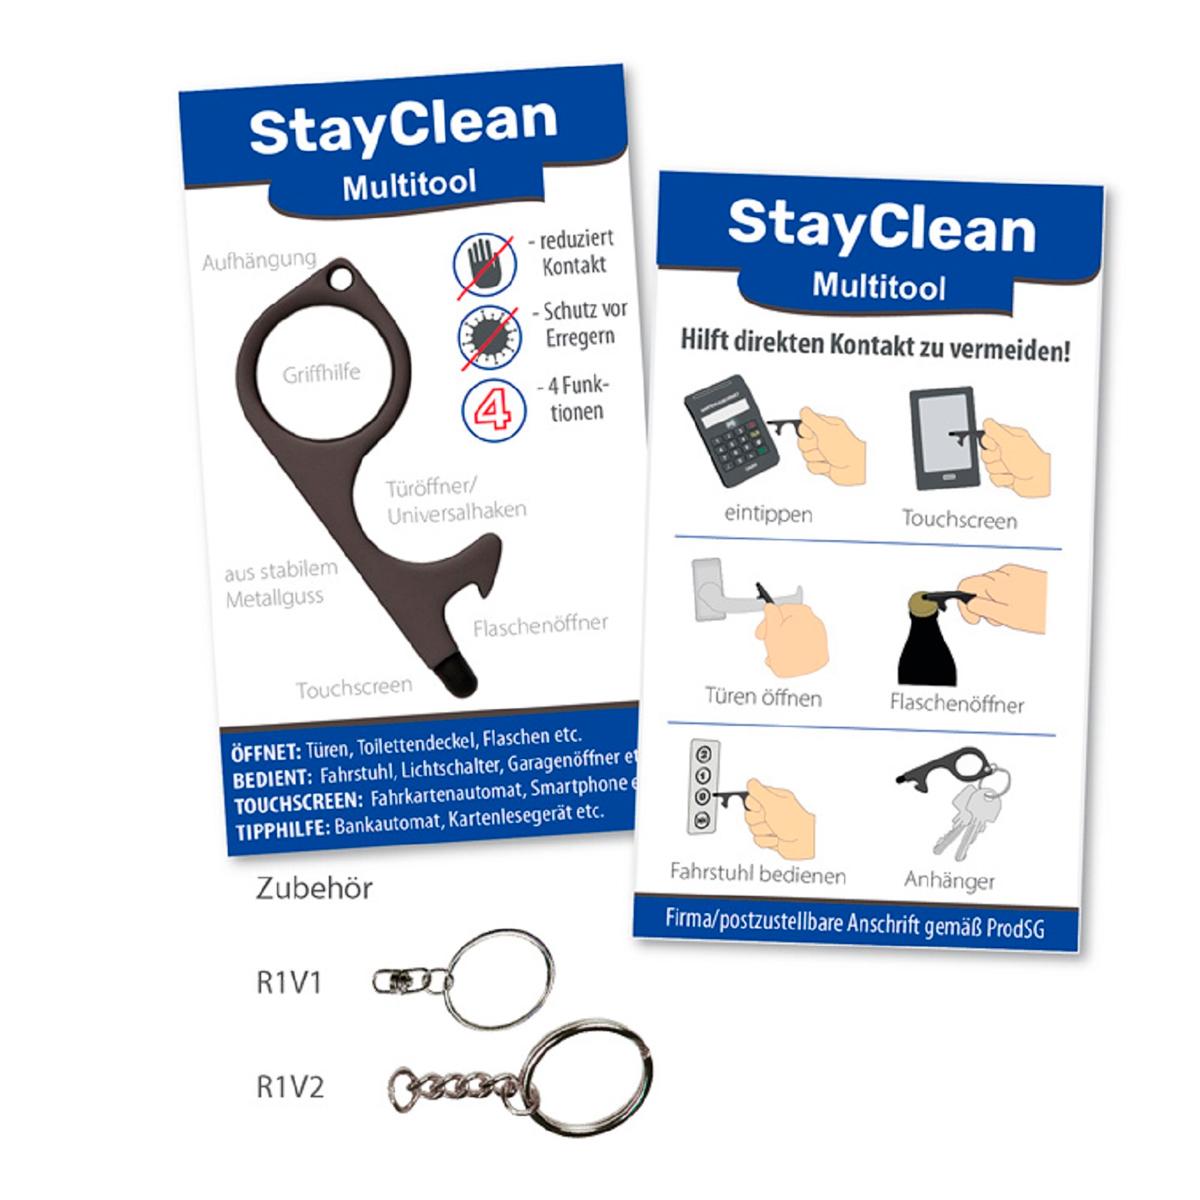 StayClean Multitool